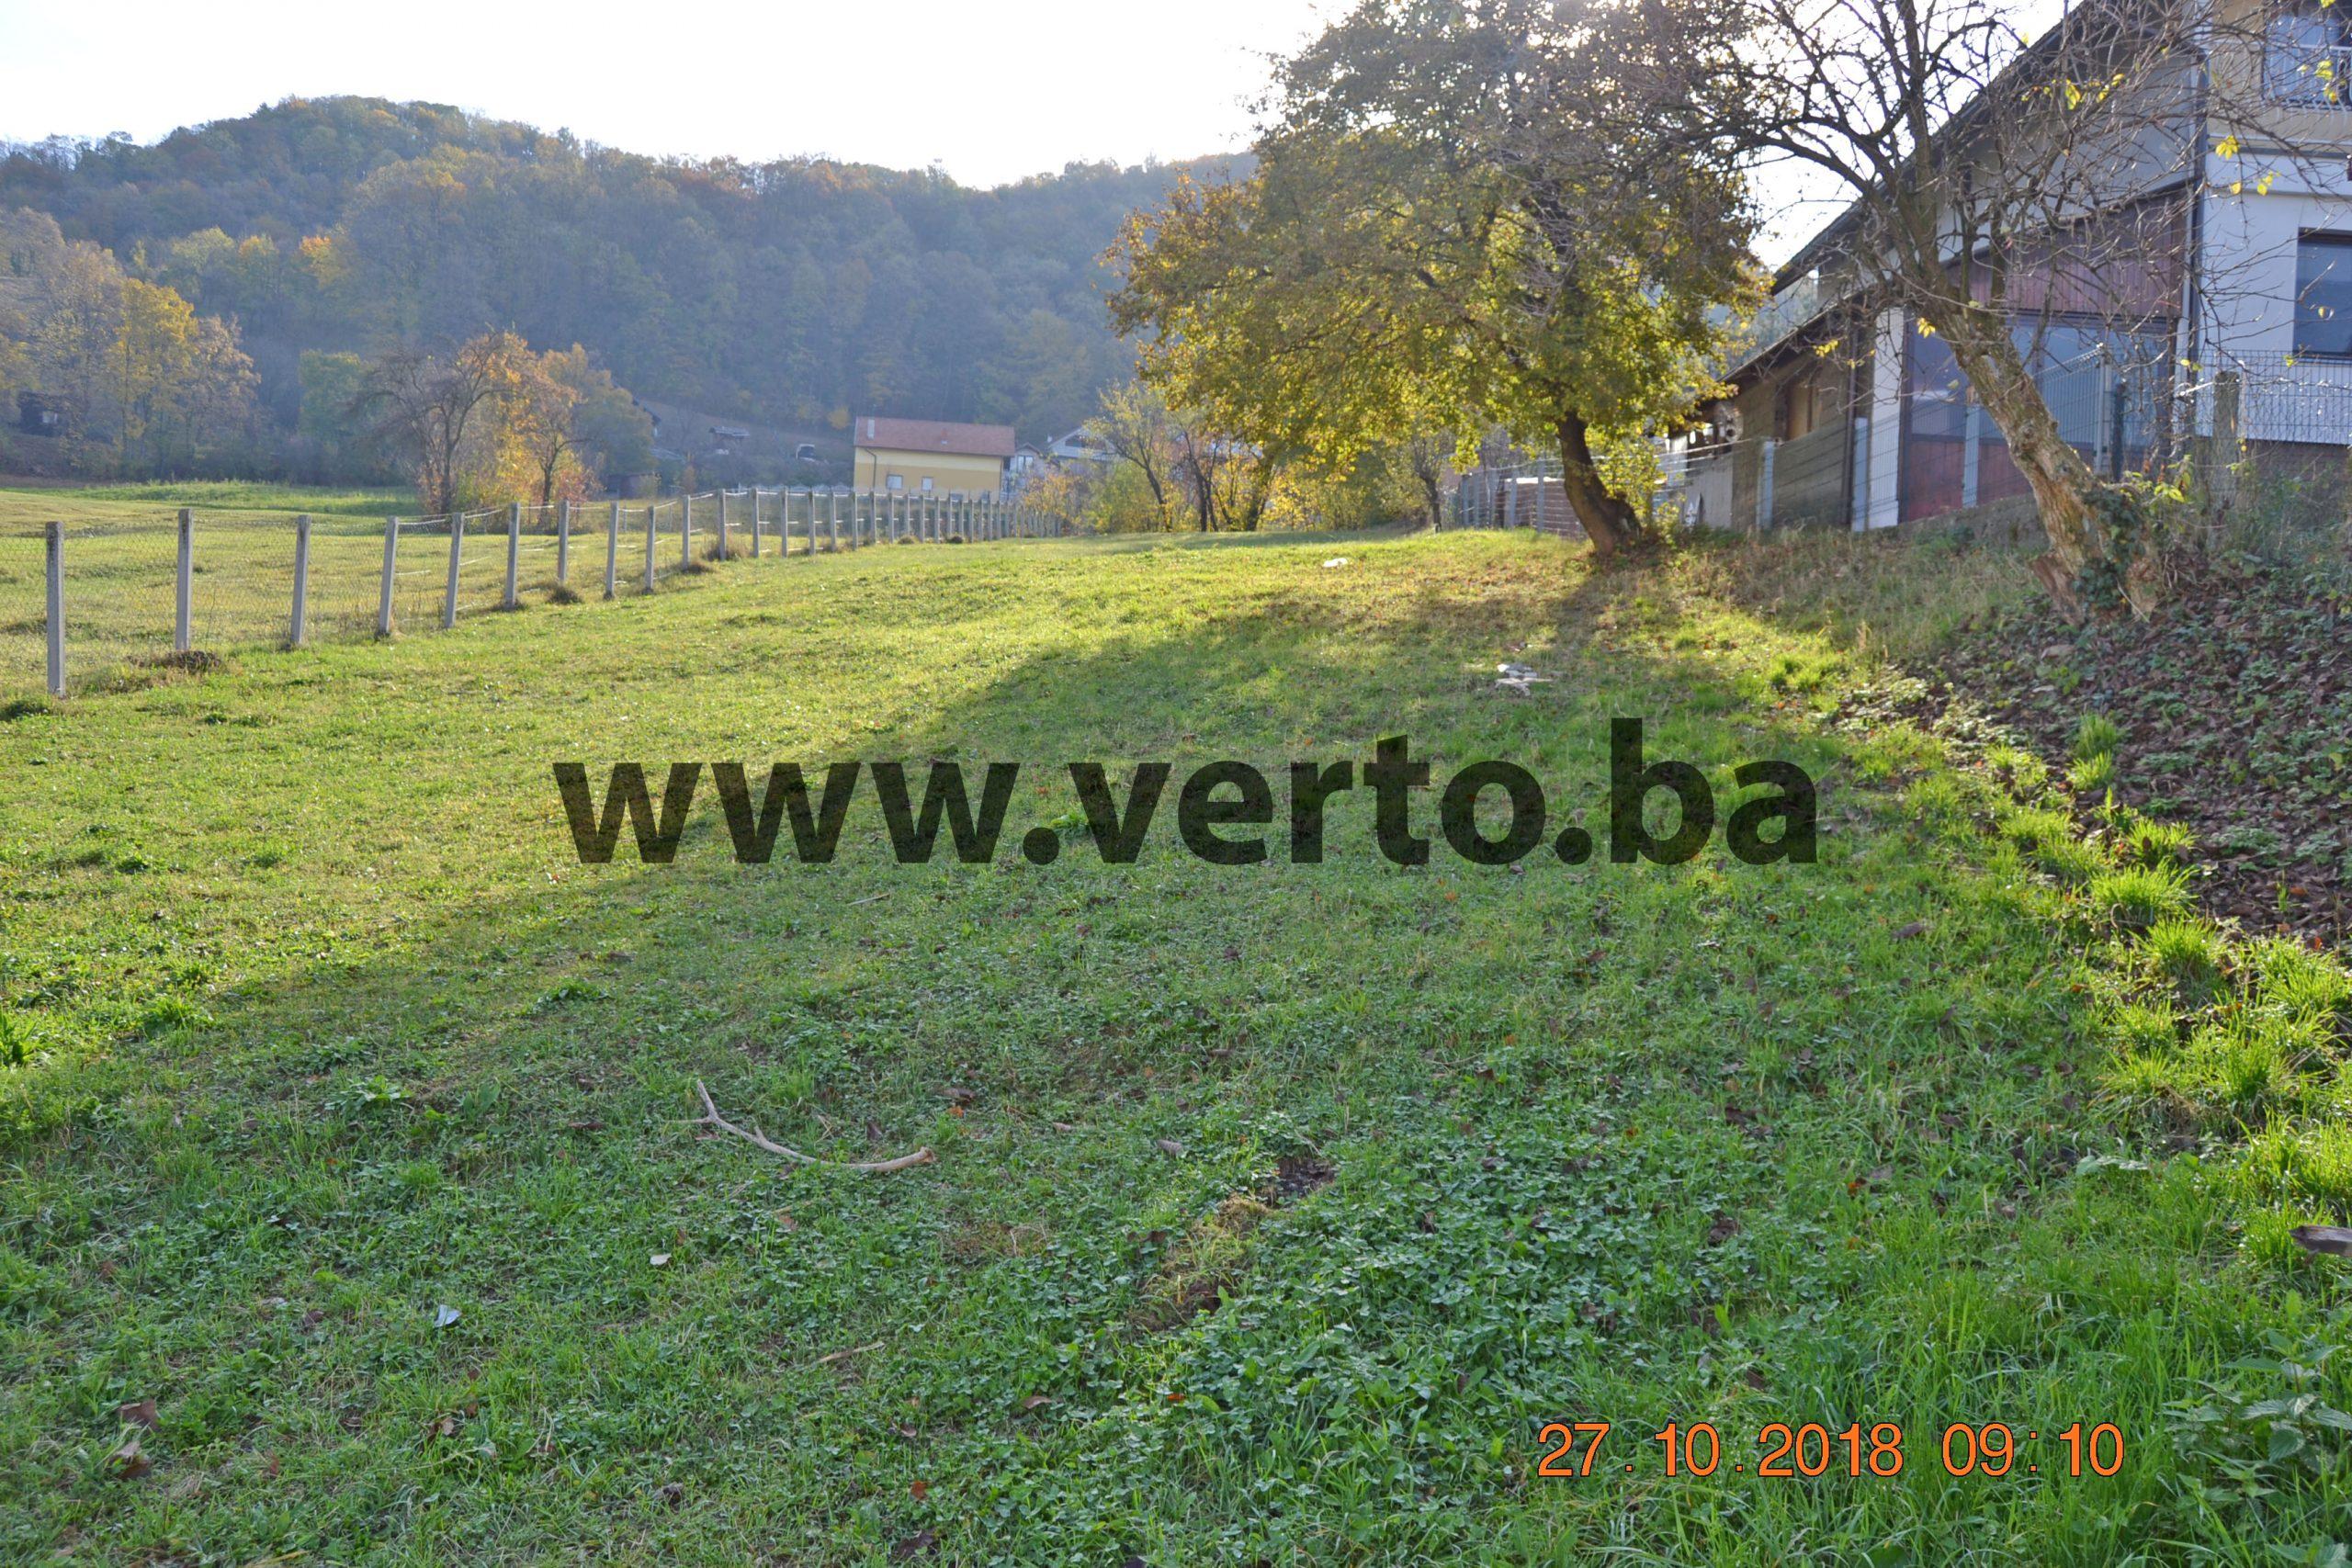 Zemljiste  1197 m2 u naselju Mala Solina, Tuzla